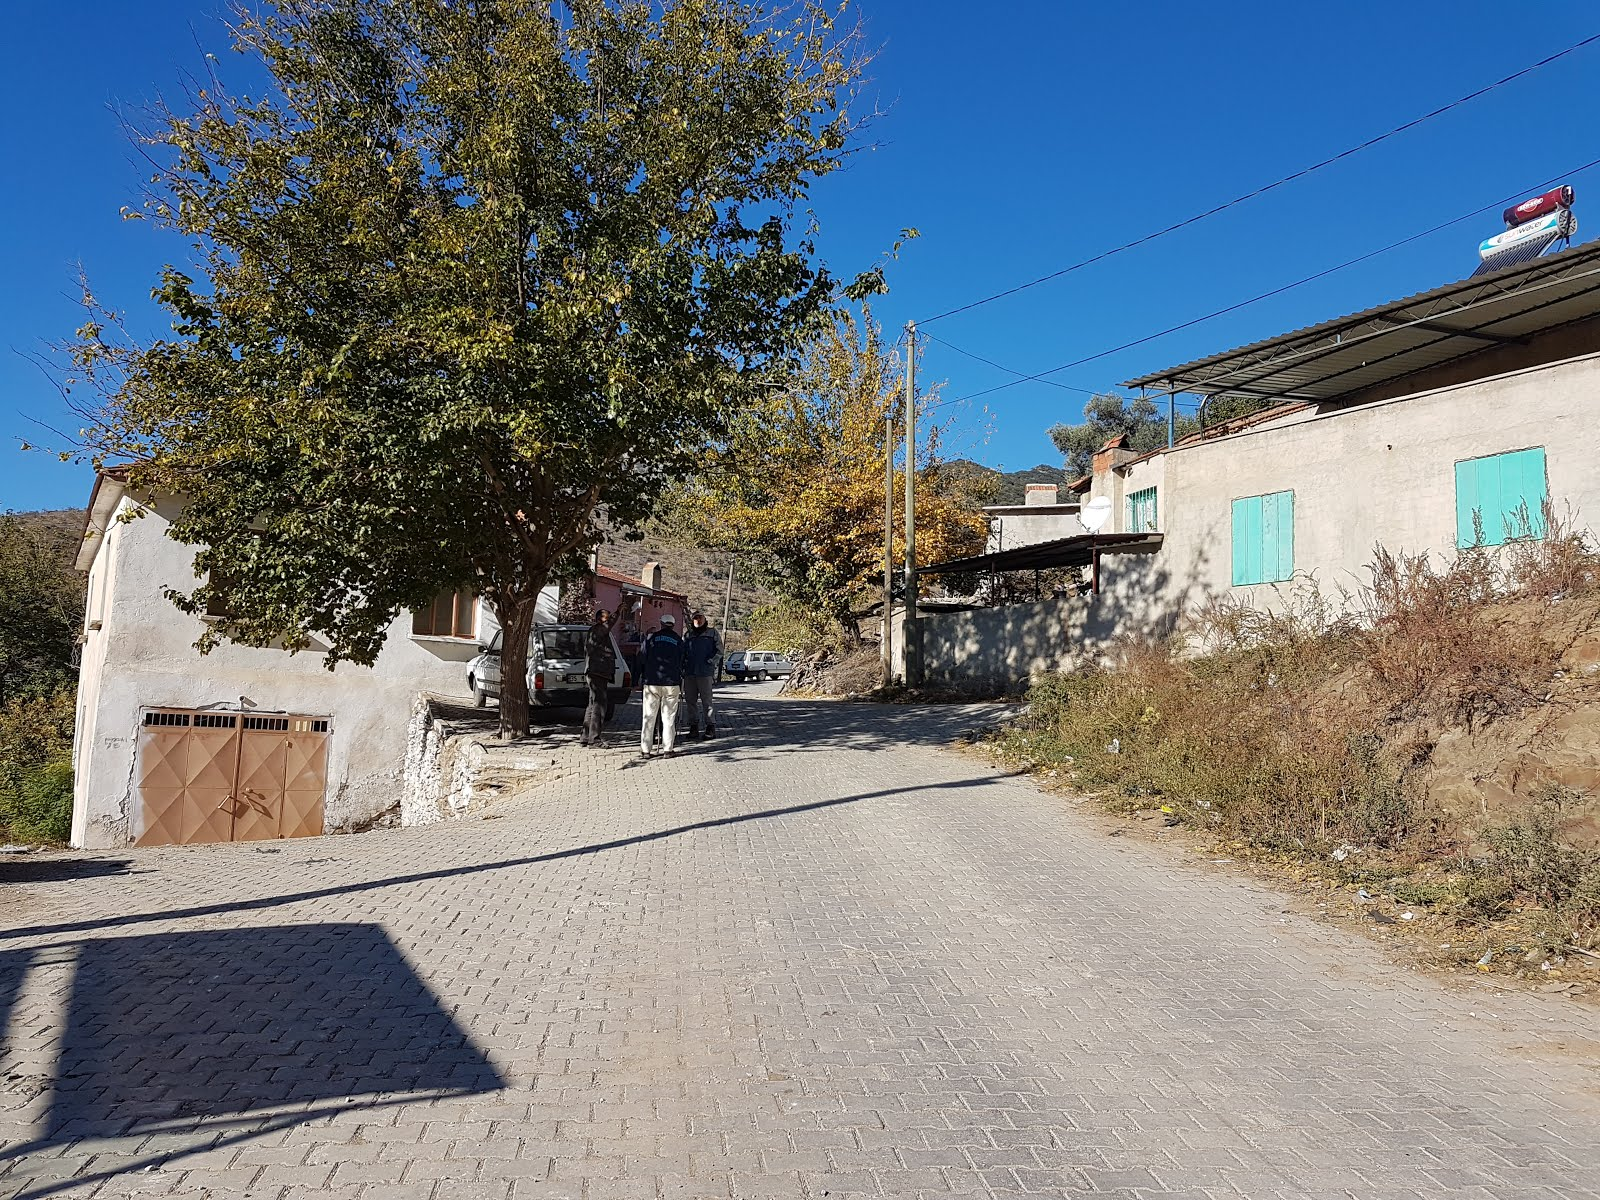 Ölümsüzlük yasası Stalker: Çernobil gölgeleri 83